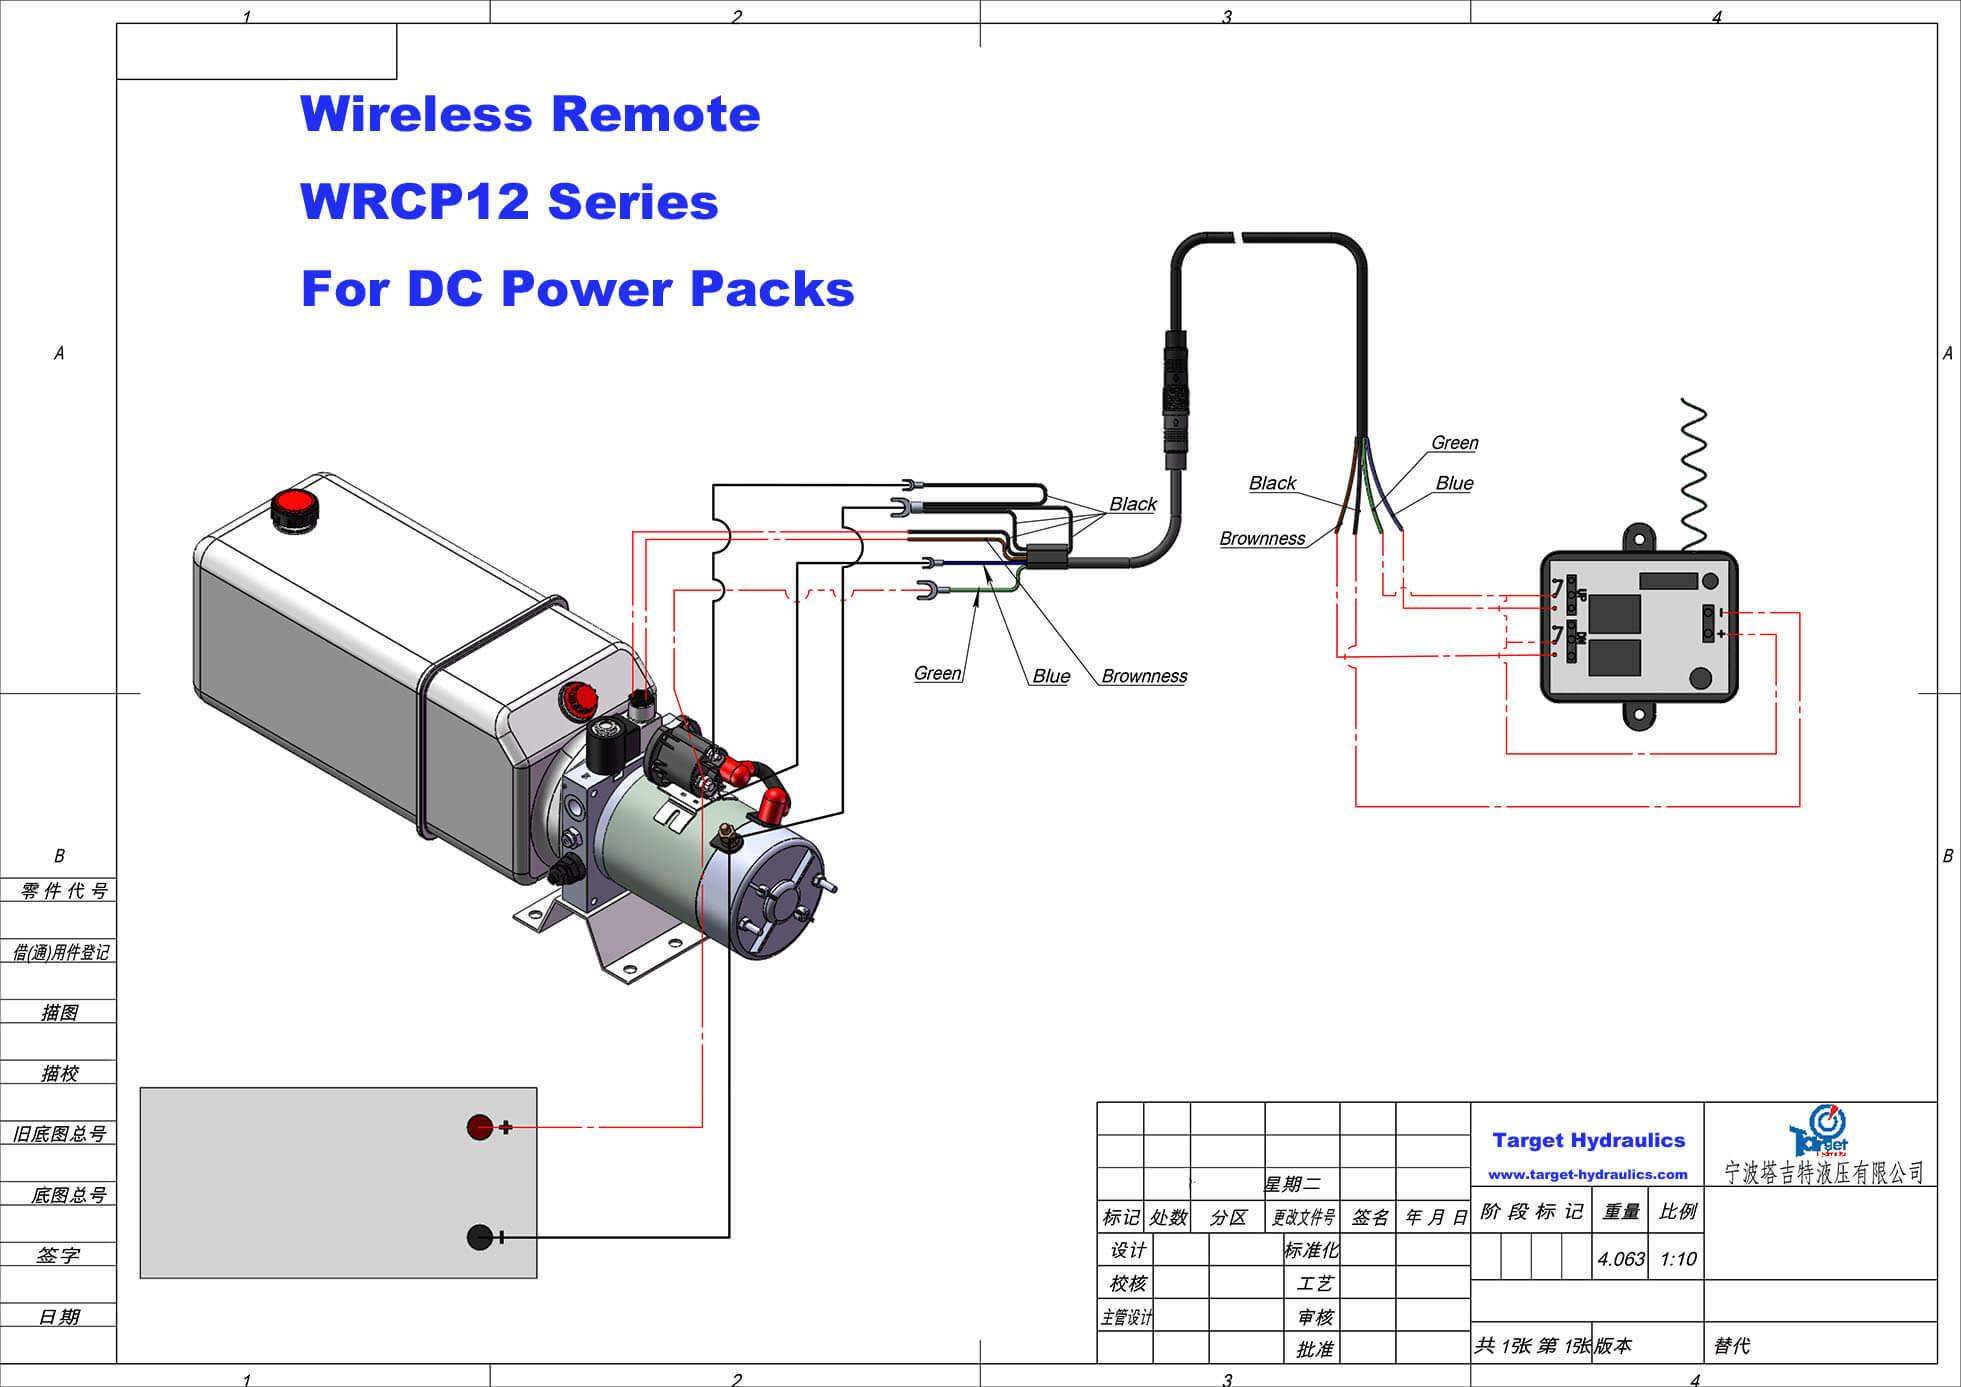 Ez Dump Wiring Diagram - Mopar Tail Light Wire Diagram for Wiring Diagram  Schematics | Hydraulic Dump Trailer Pump Wiring Diagram |  | Wiring Diagram Schematics